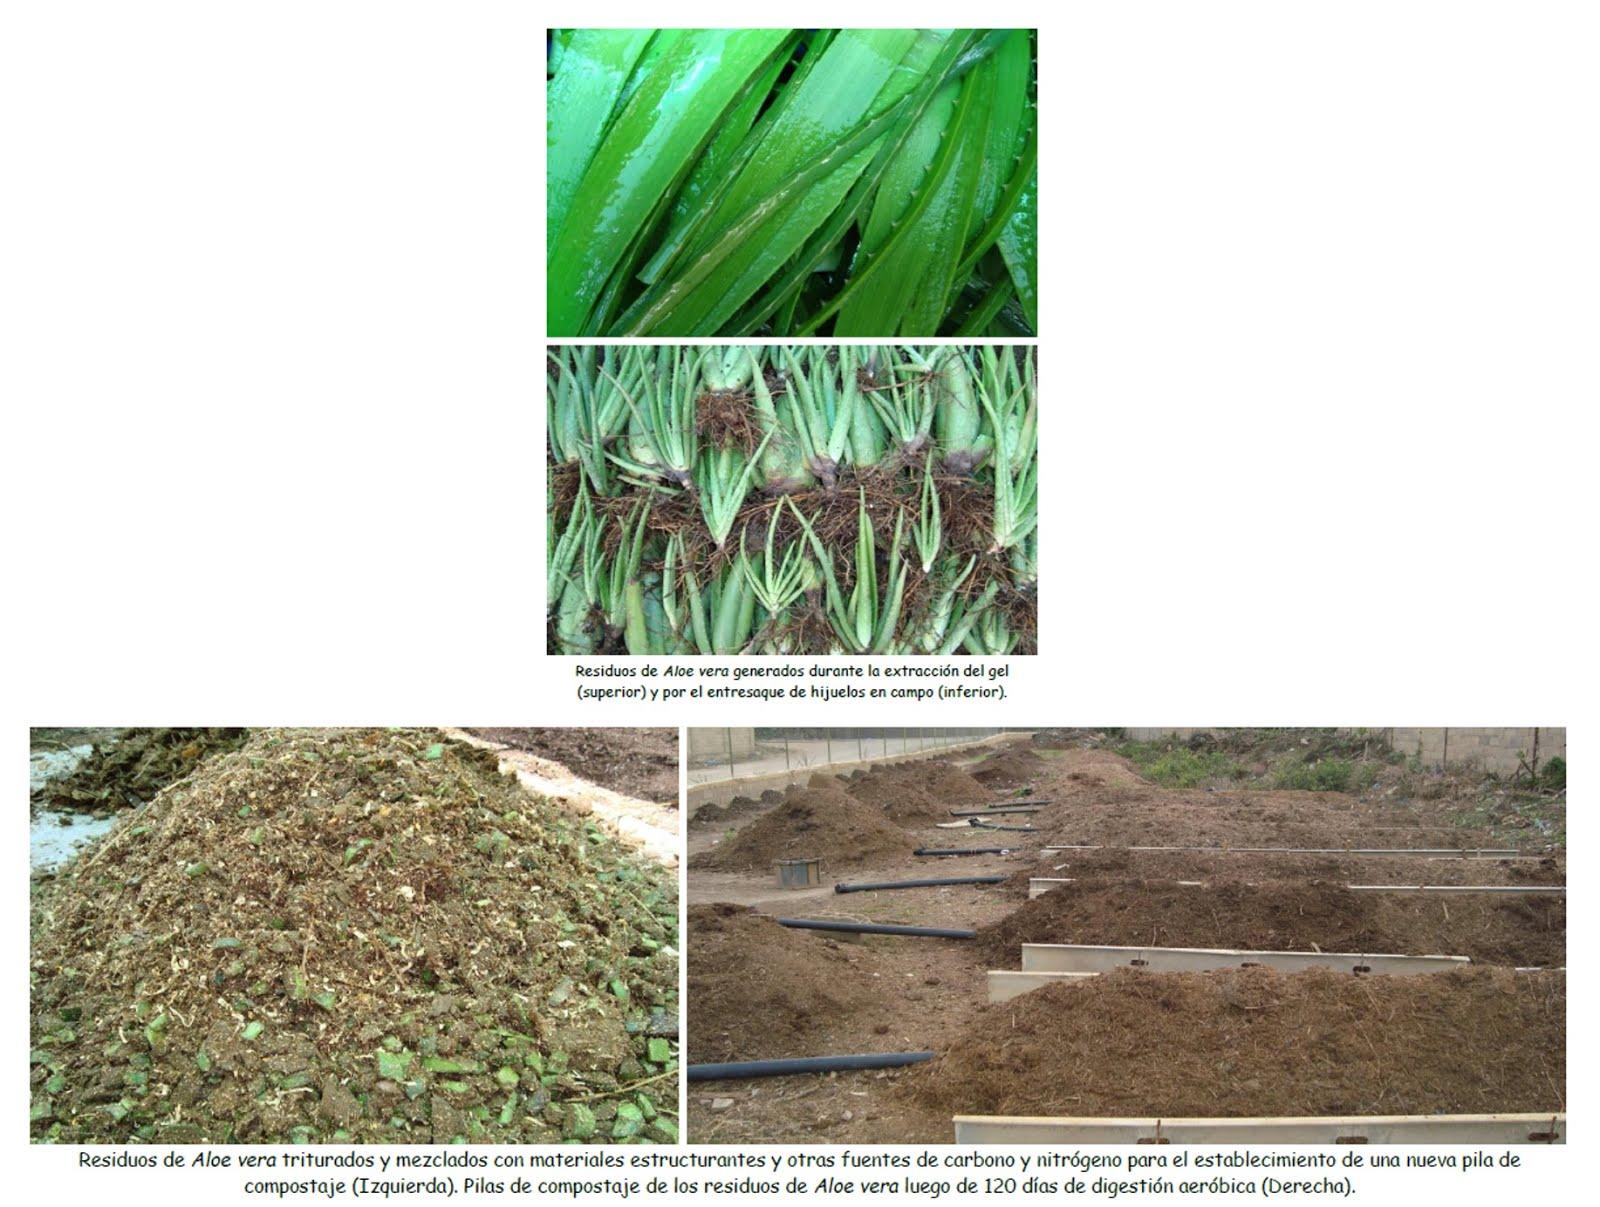 Aprovechamiento de los residuos agroindustriales de Aloe vera